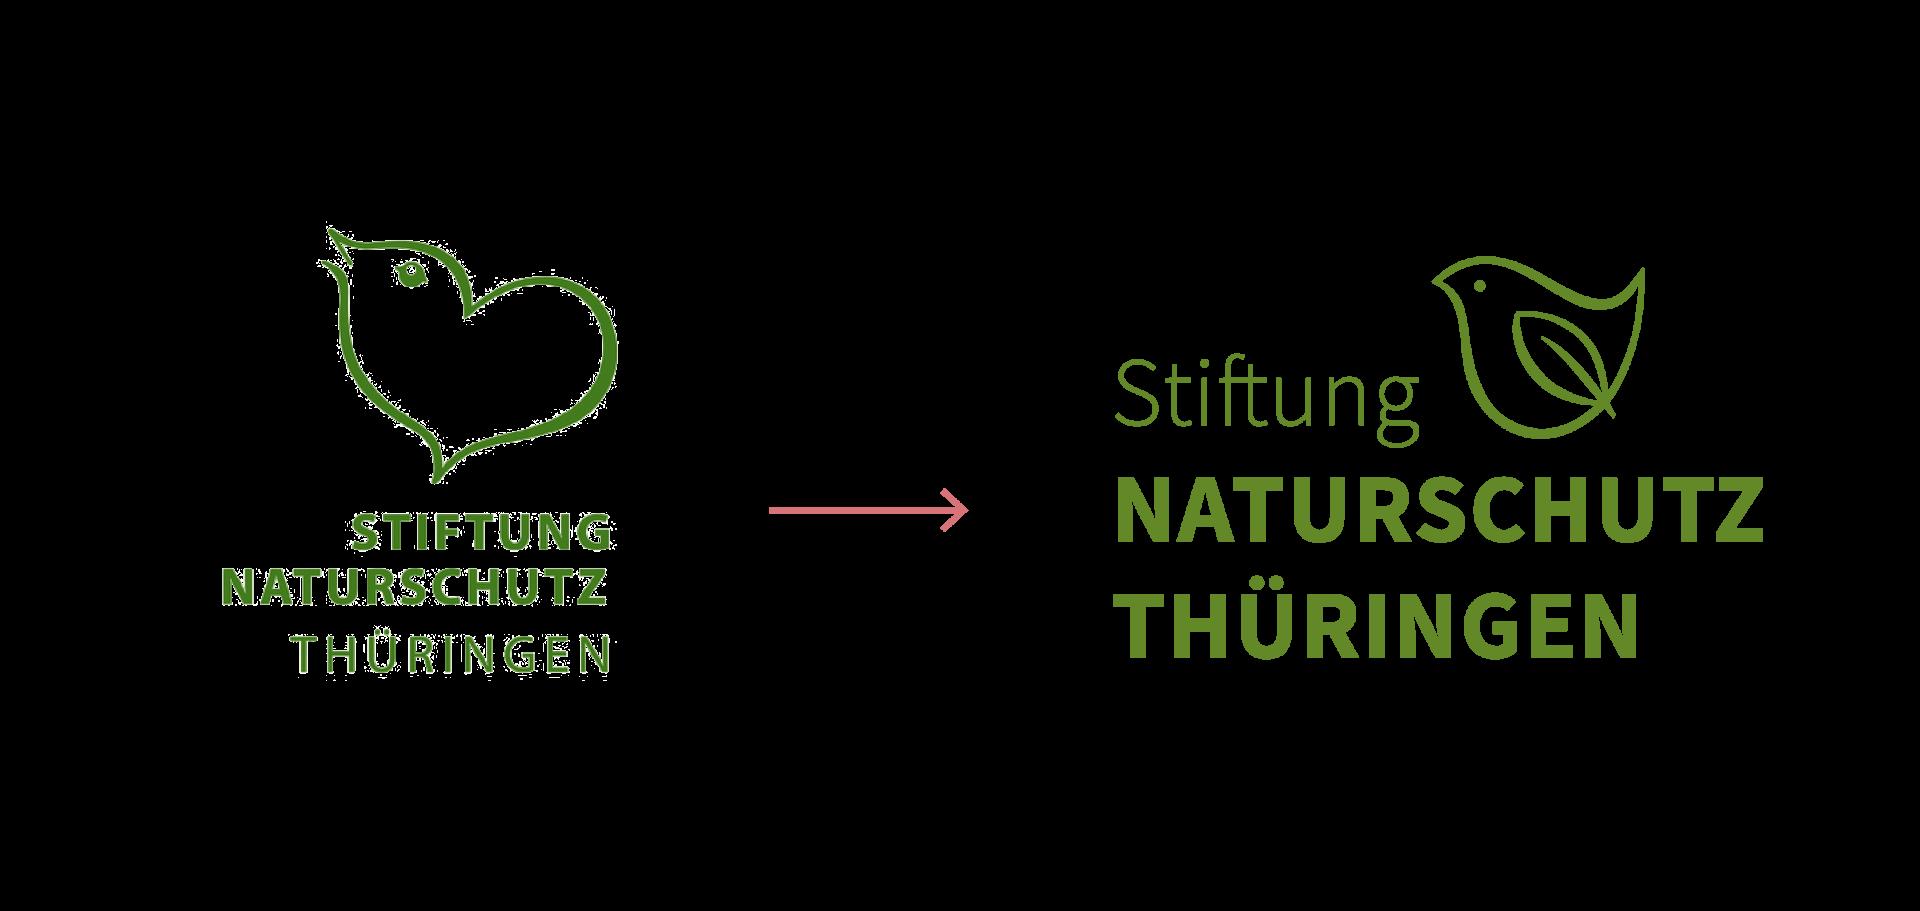 Links die alte, rechts die neue Wort-Bild-Marke der Stiftung Naturschutz Thüringen. Beide haben einen Vogel als Bildmarke.